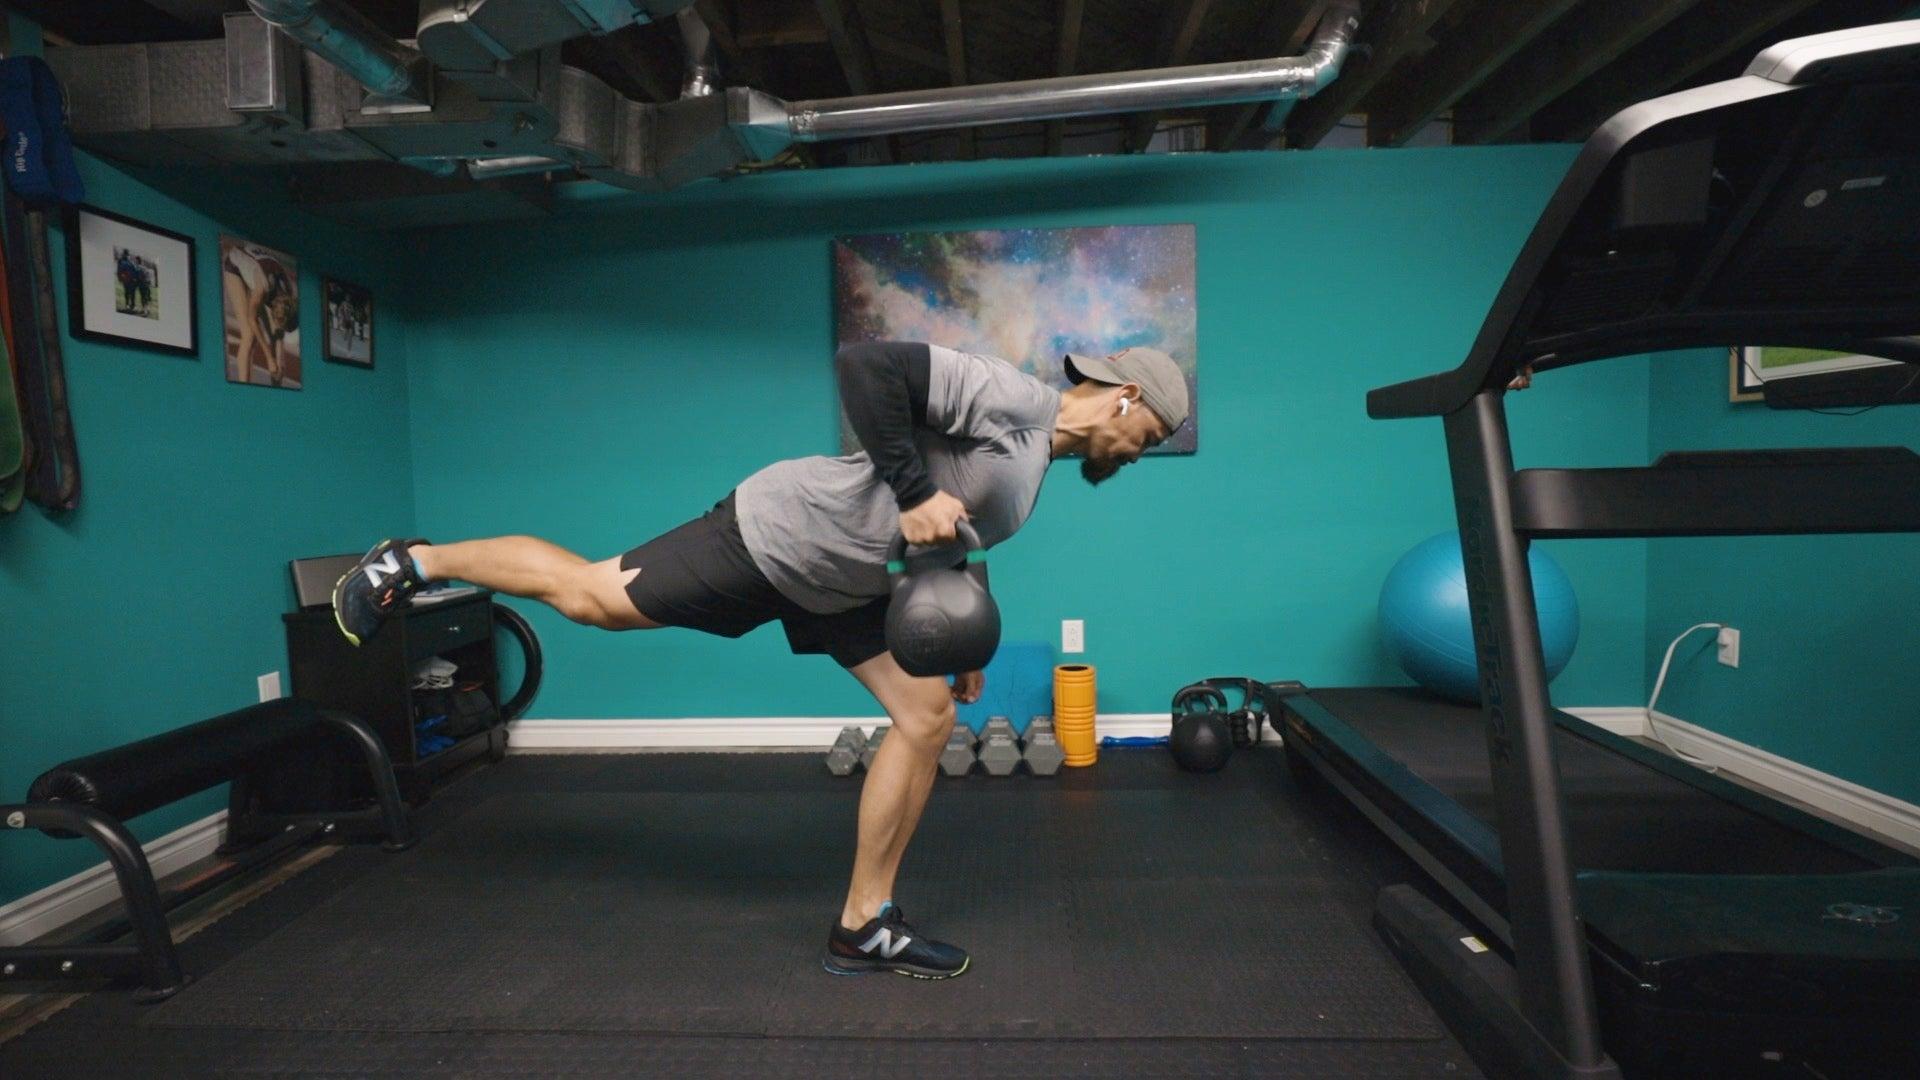 romdead3 Entrenamiento dinámico de fuerza con pesas rusas de 5 ejercicios para corredores de pista